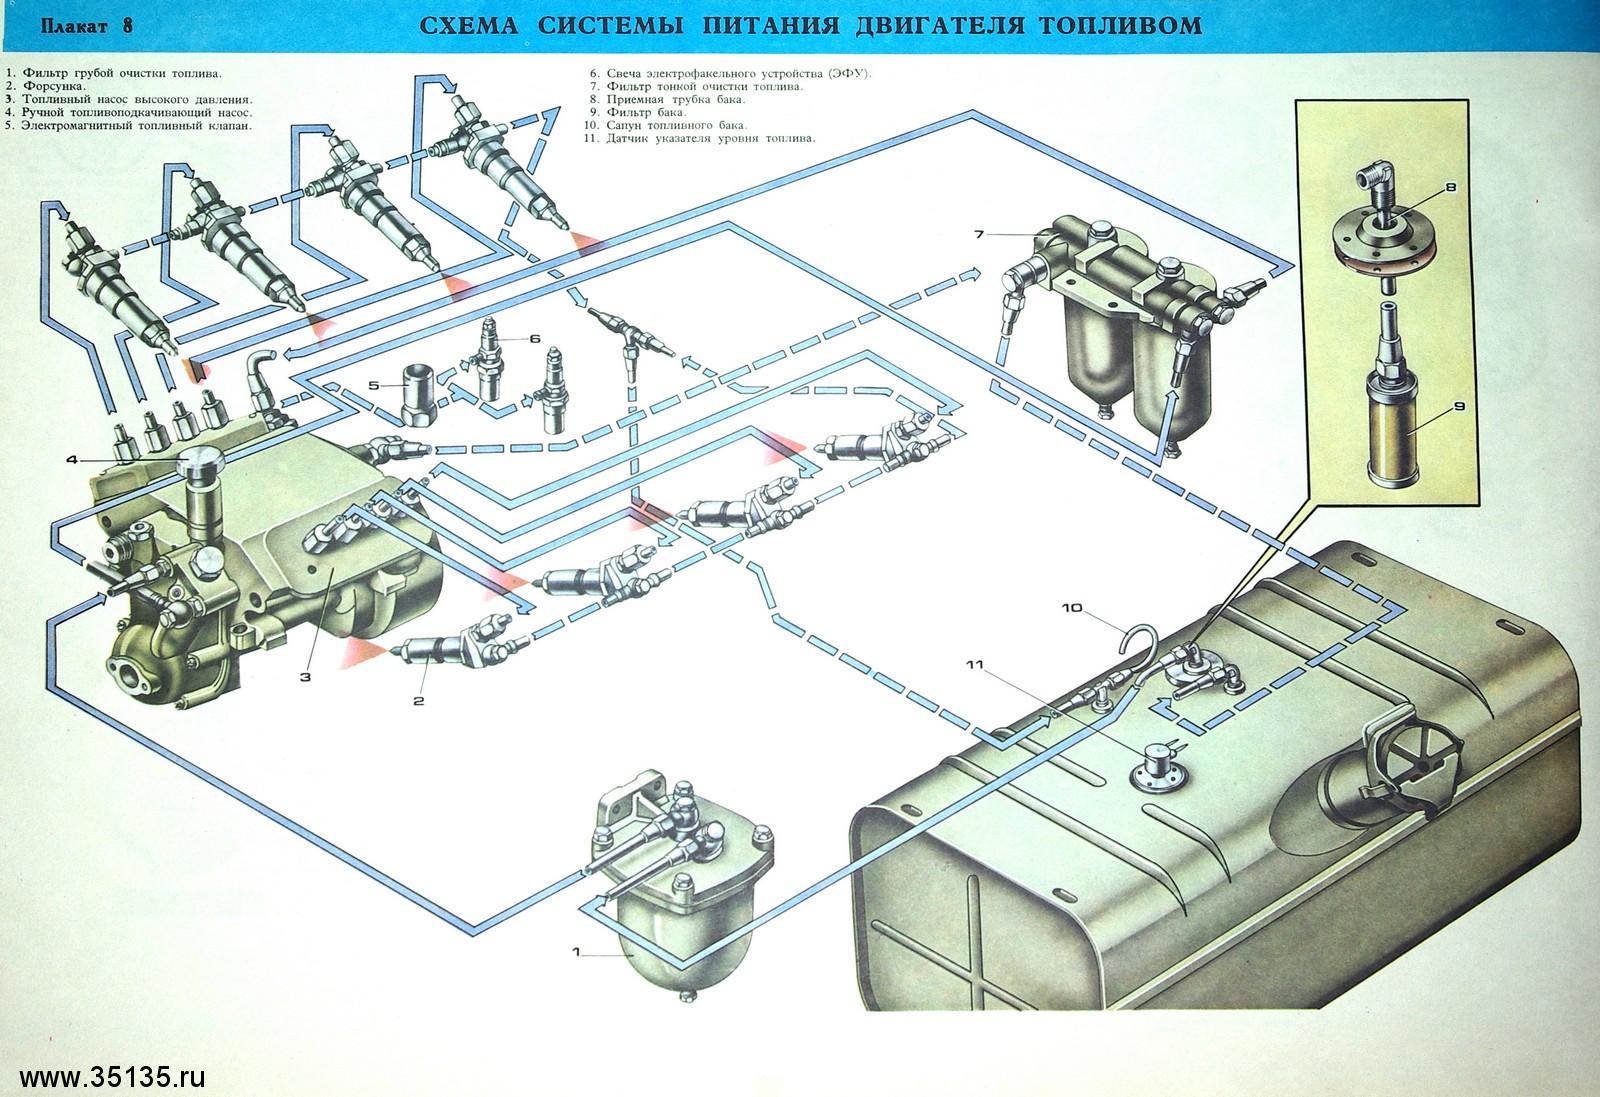 камаз 4310 схема электрооборудование